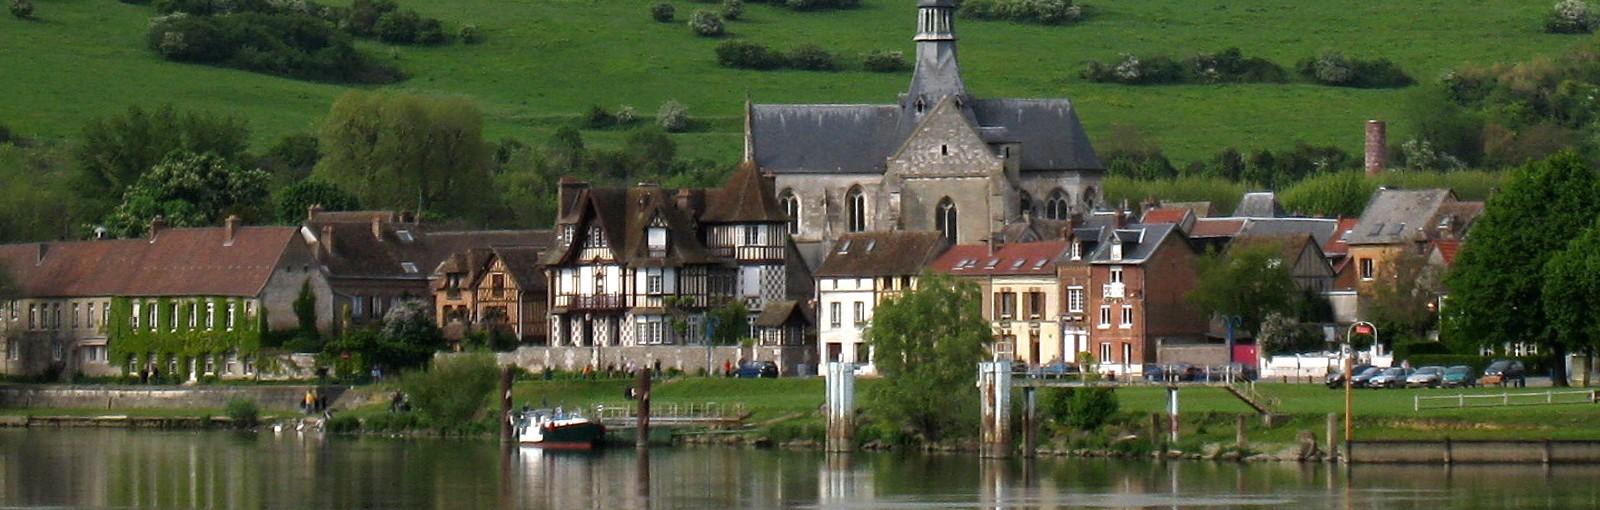 Les Andelys - village along the Seine